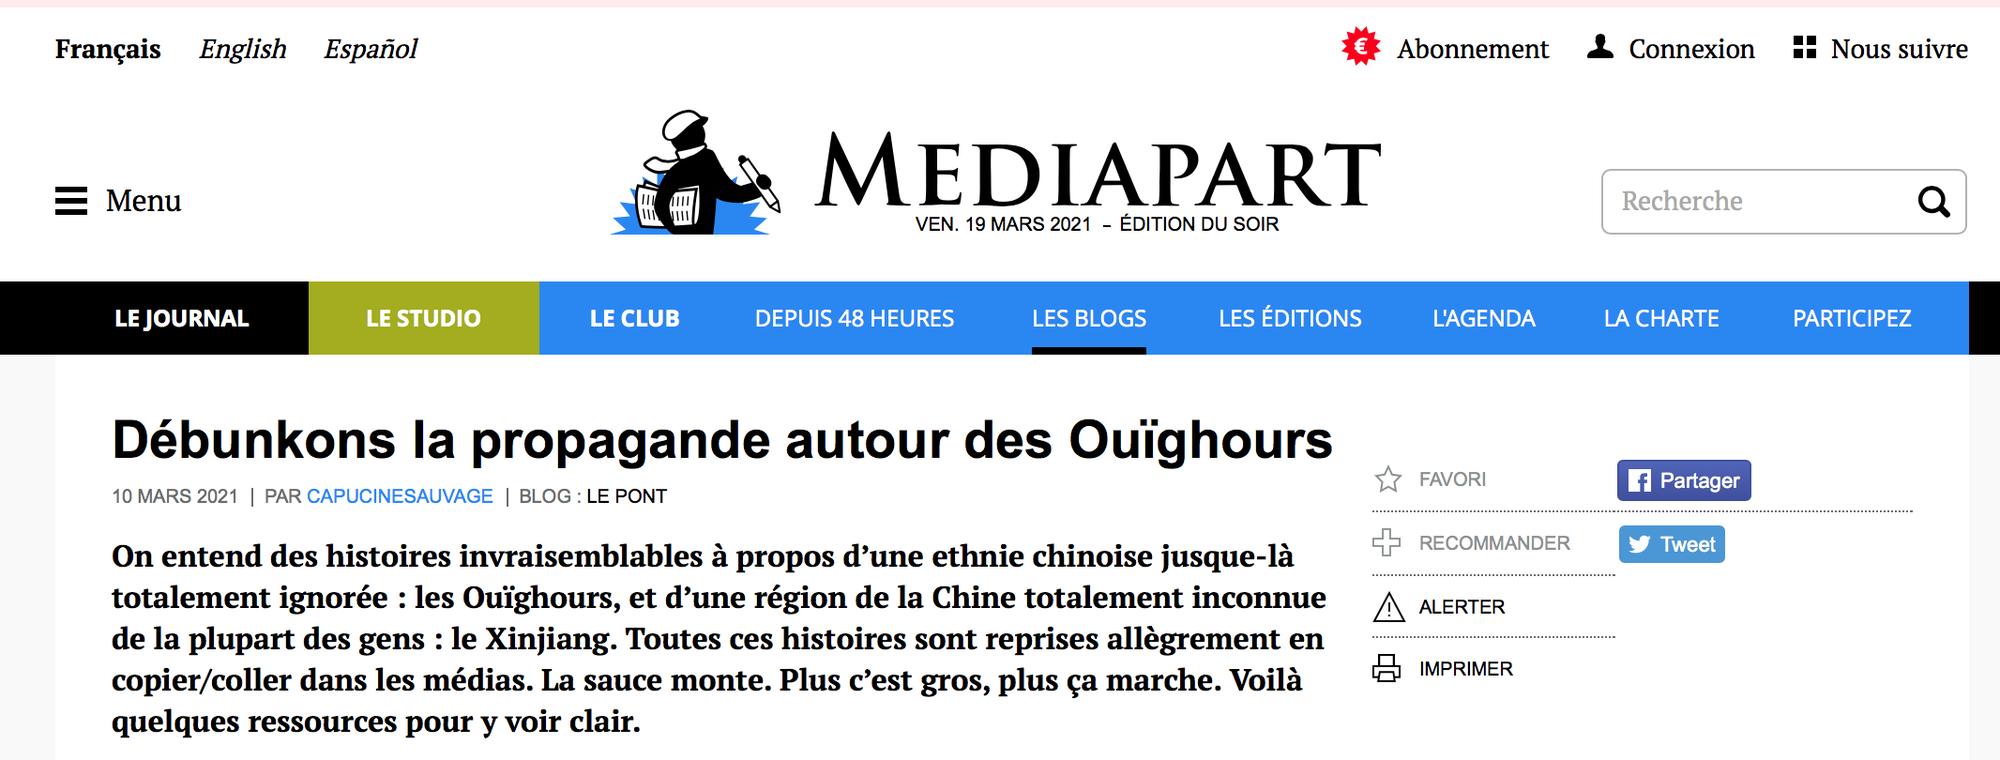 Avec Capucine Sauvage : débunkons la propagande autour des Ouïghours